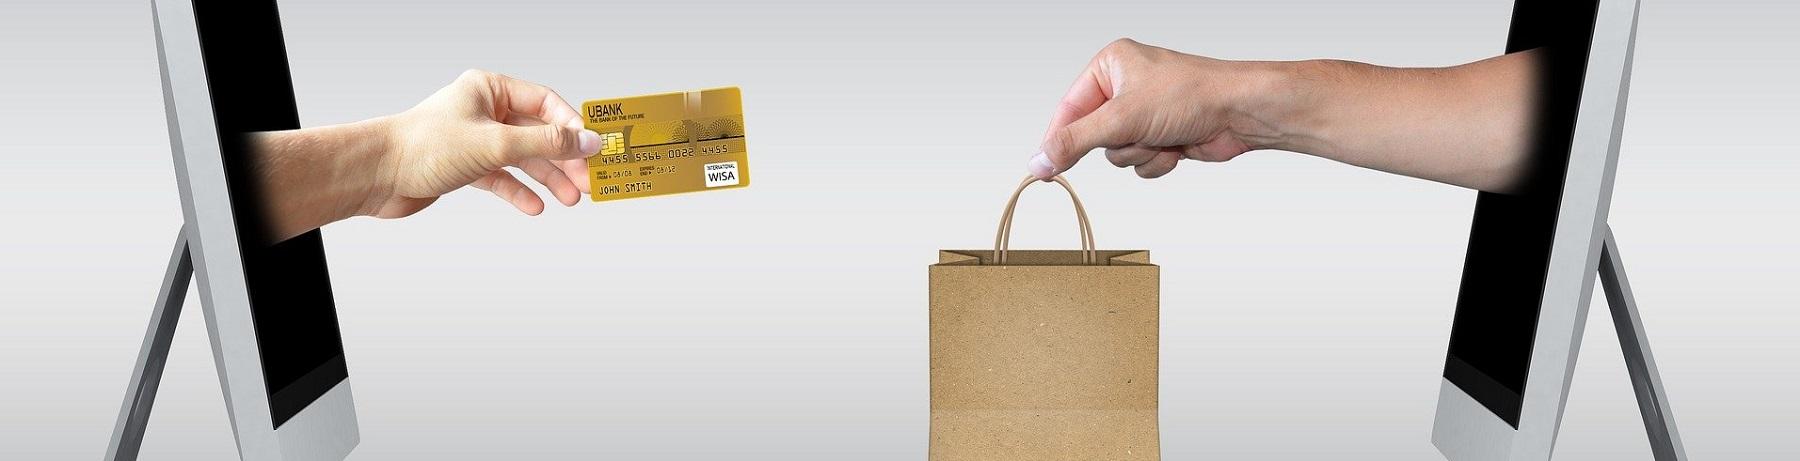 Télephone information entreprise  FedEx lance un nouveau service de livraison international plus économique et plus rapide